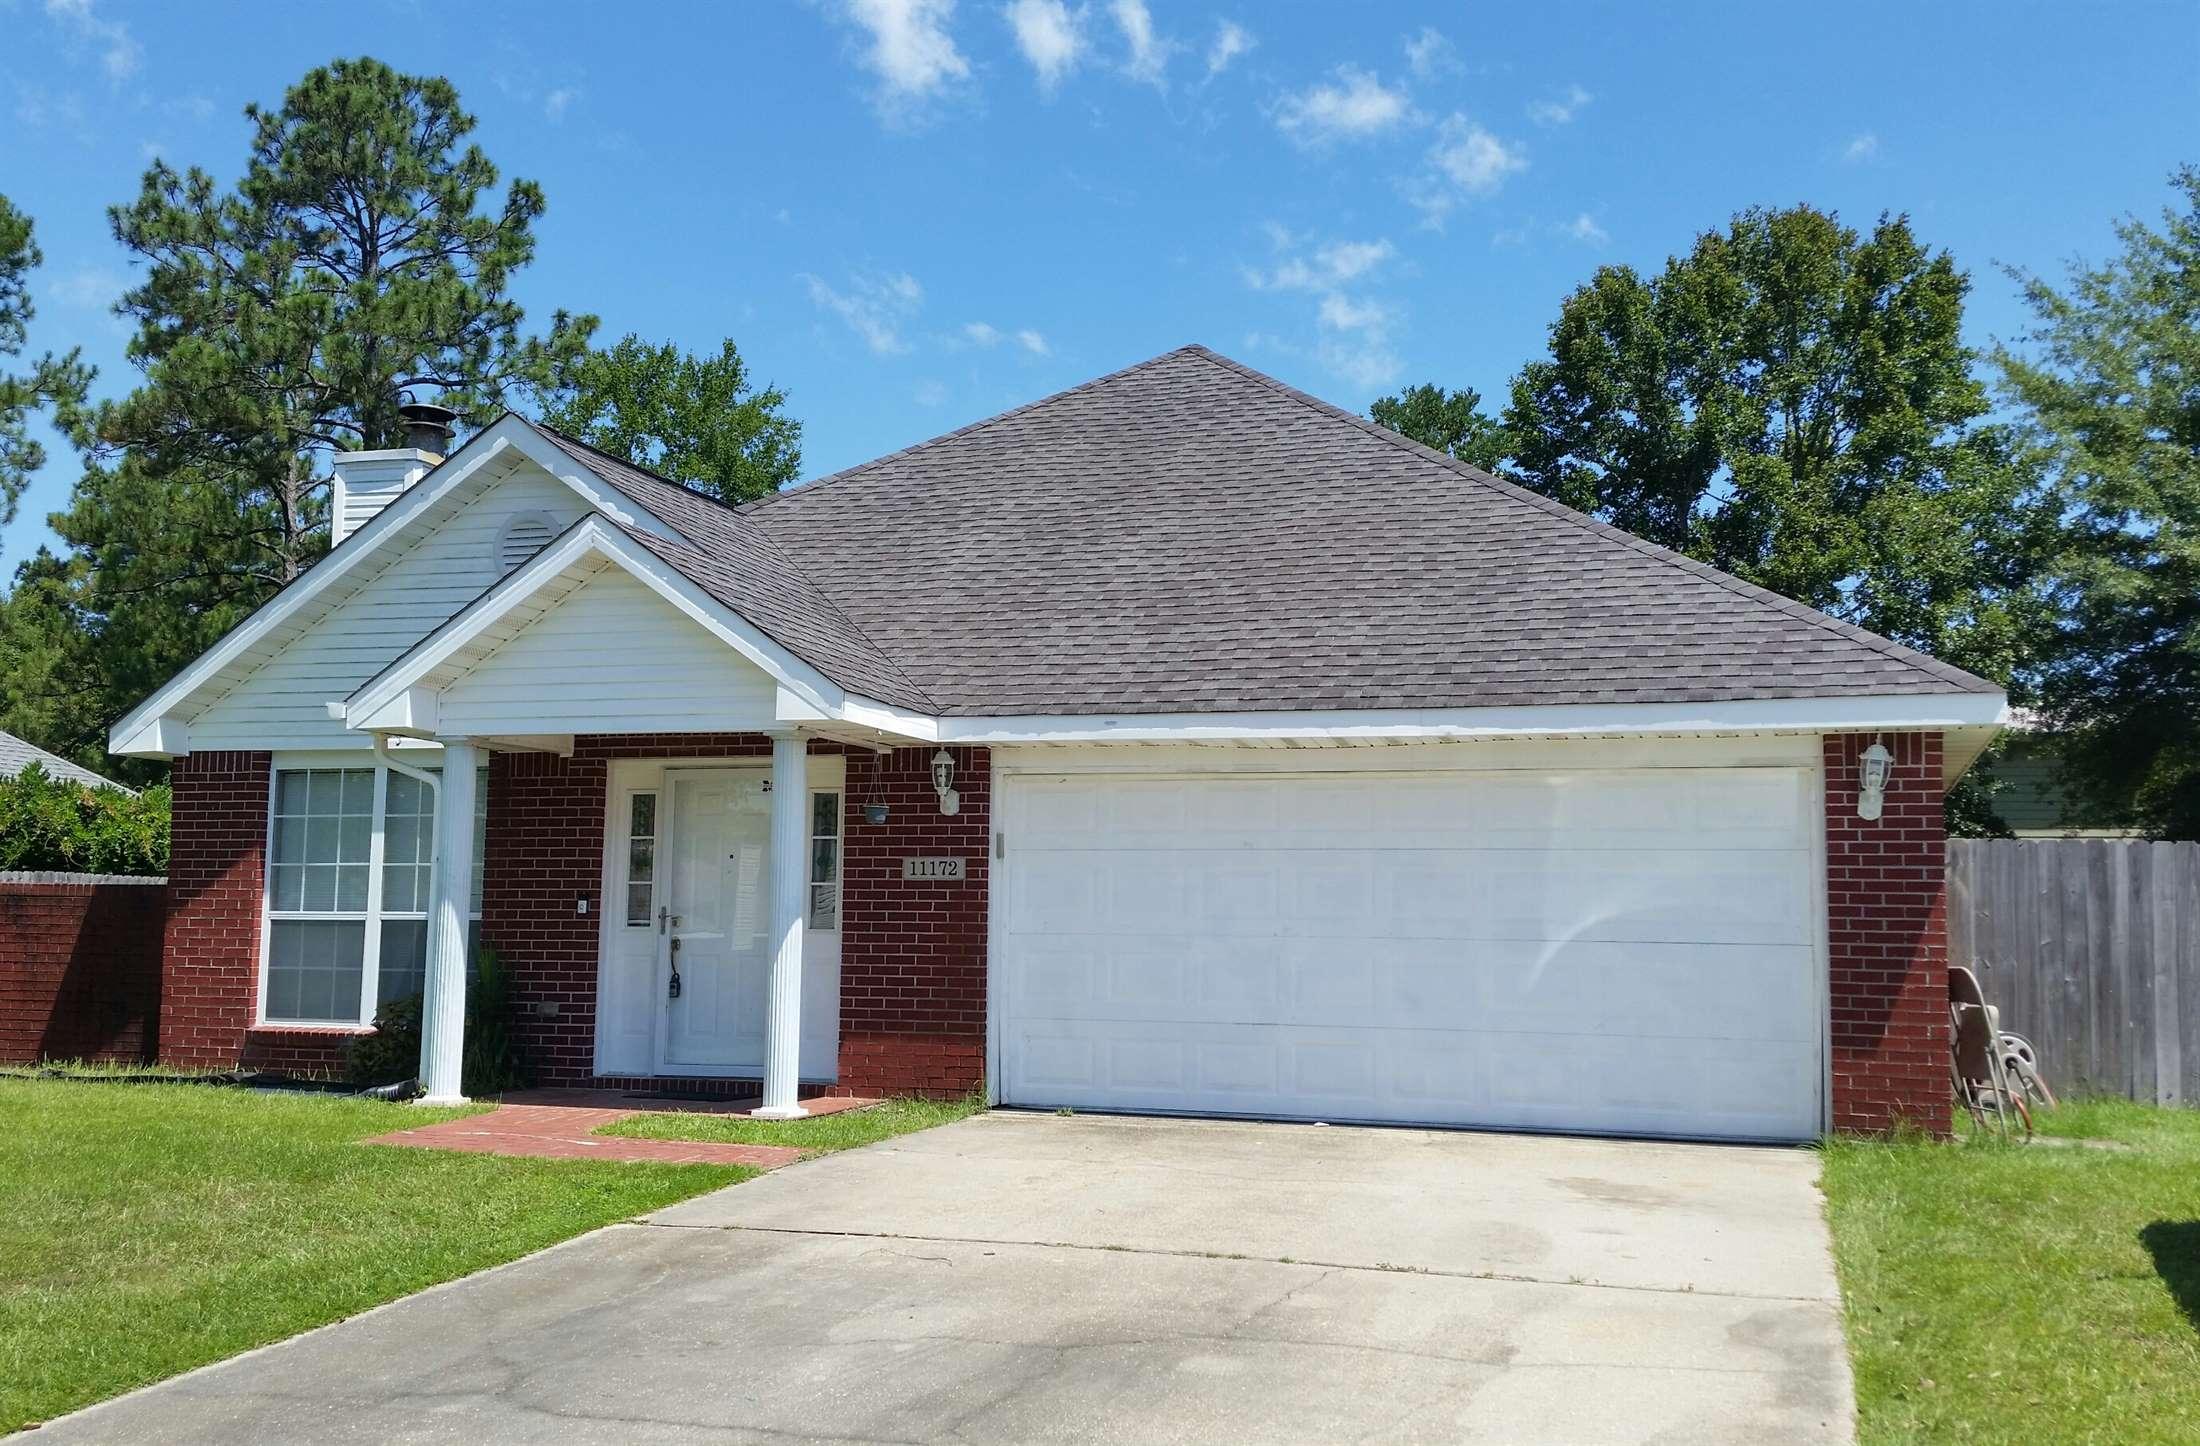 11172 Hidden Creek Dr, Gulfport, MS 39503